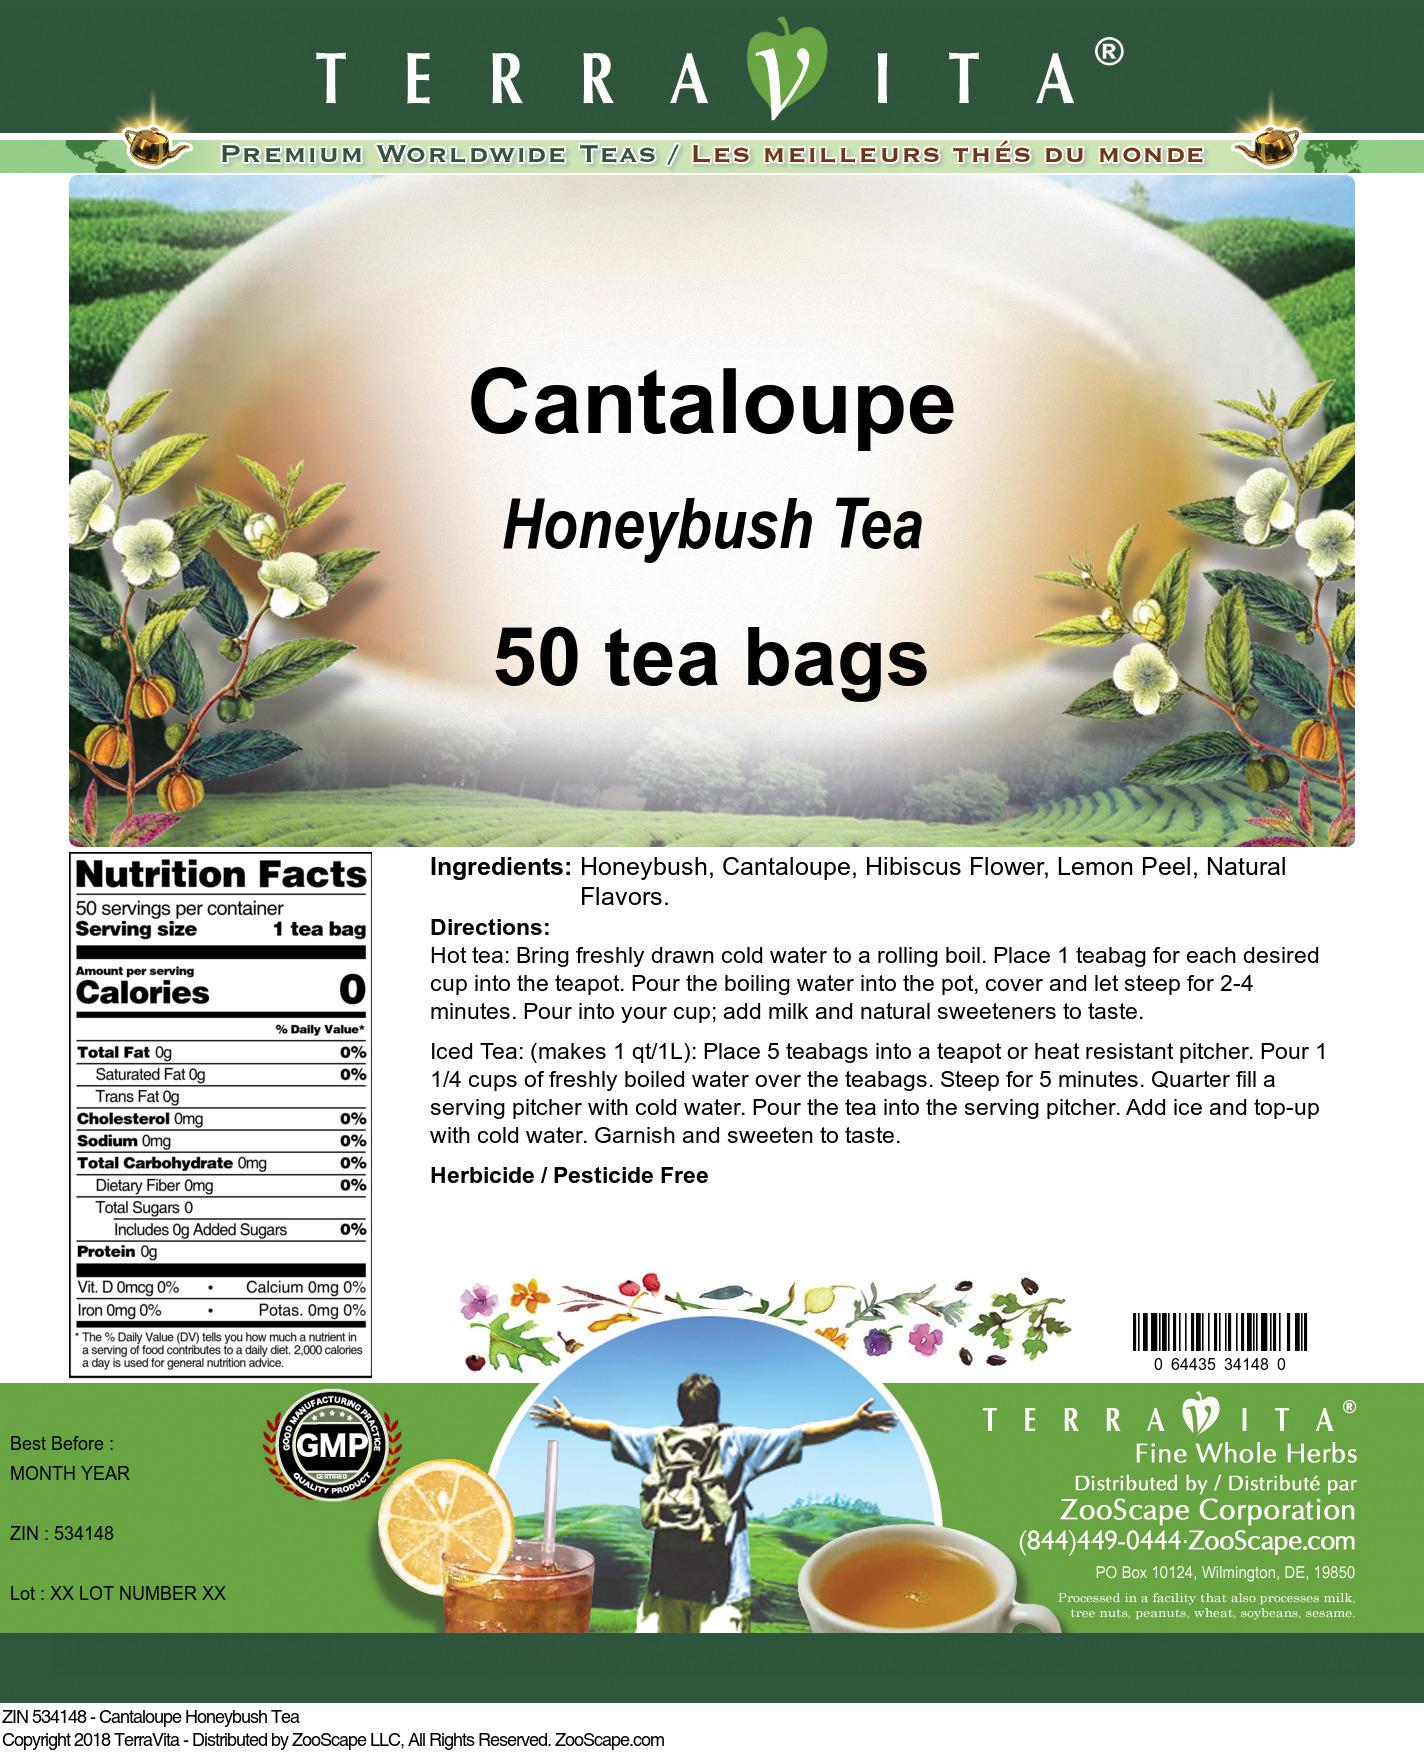 Cantaloupe Honeybush Tea